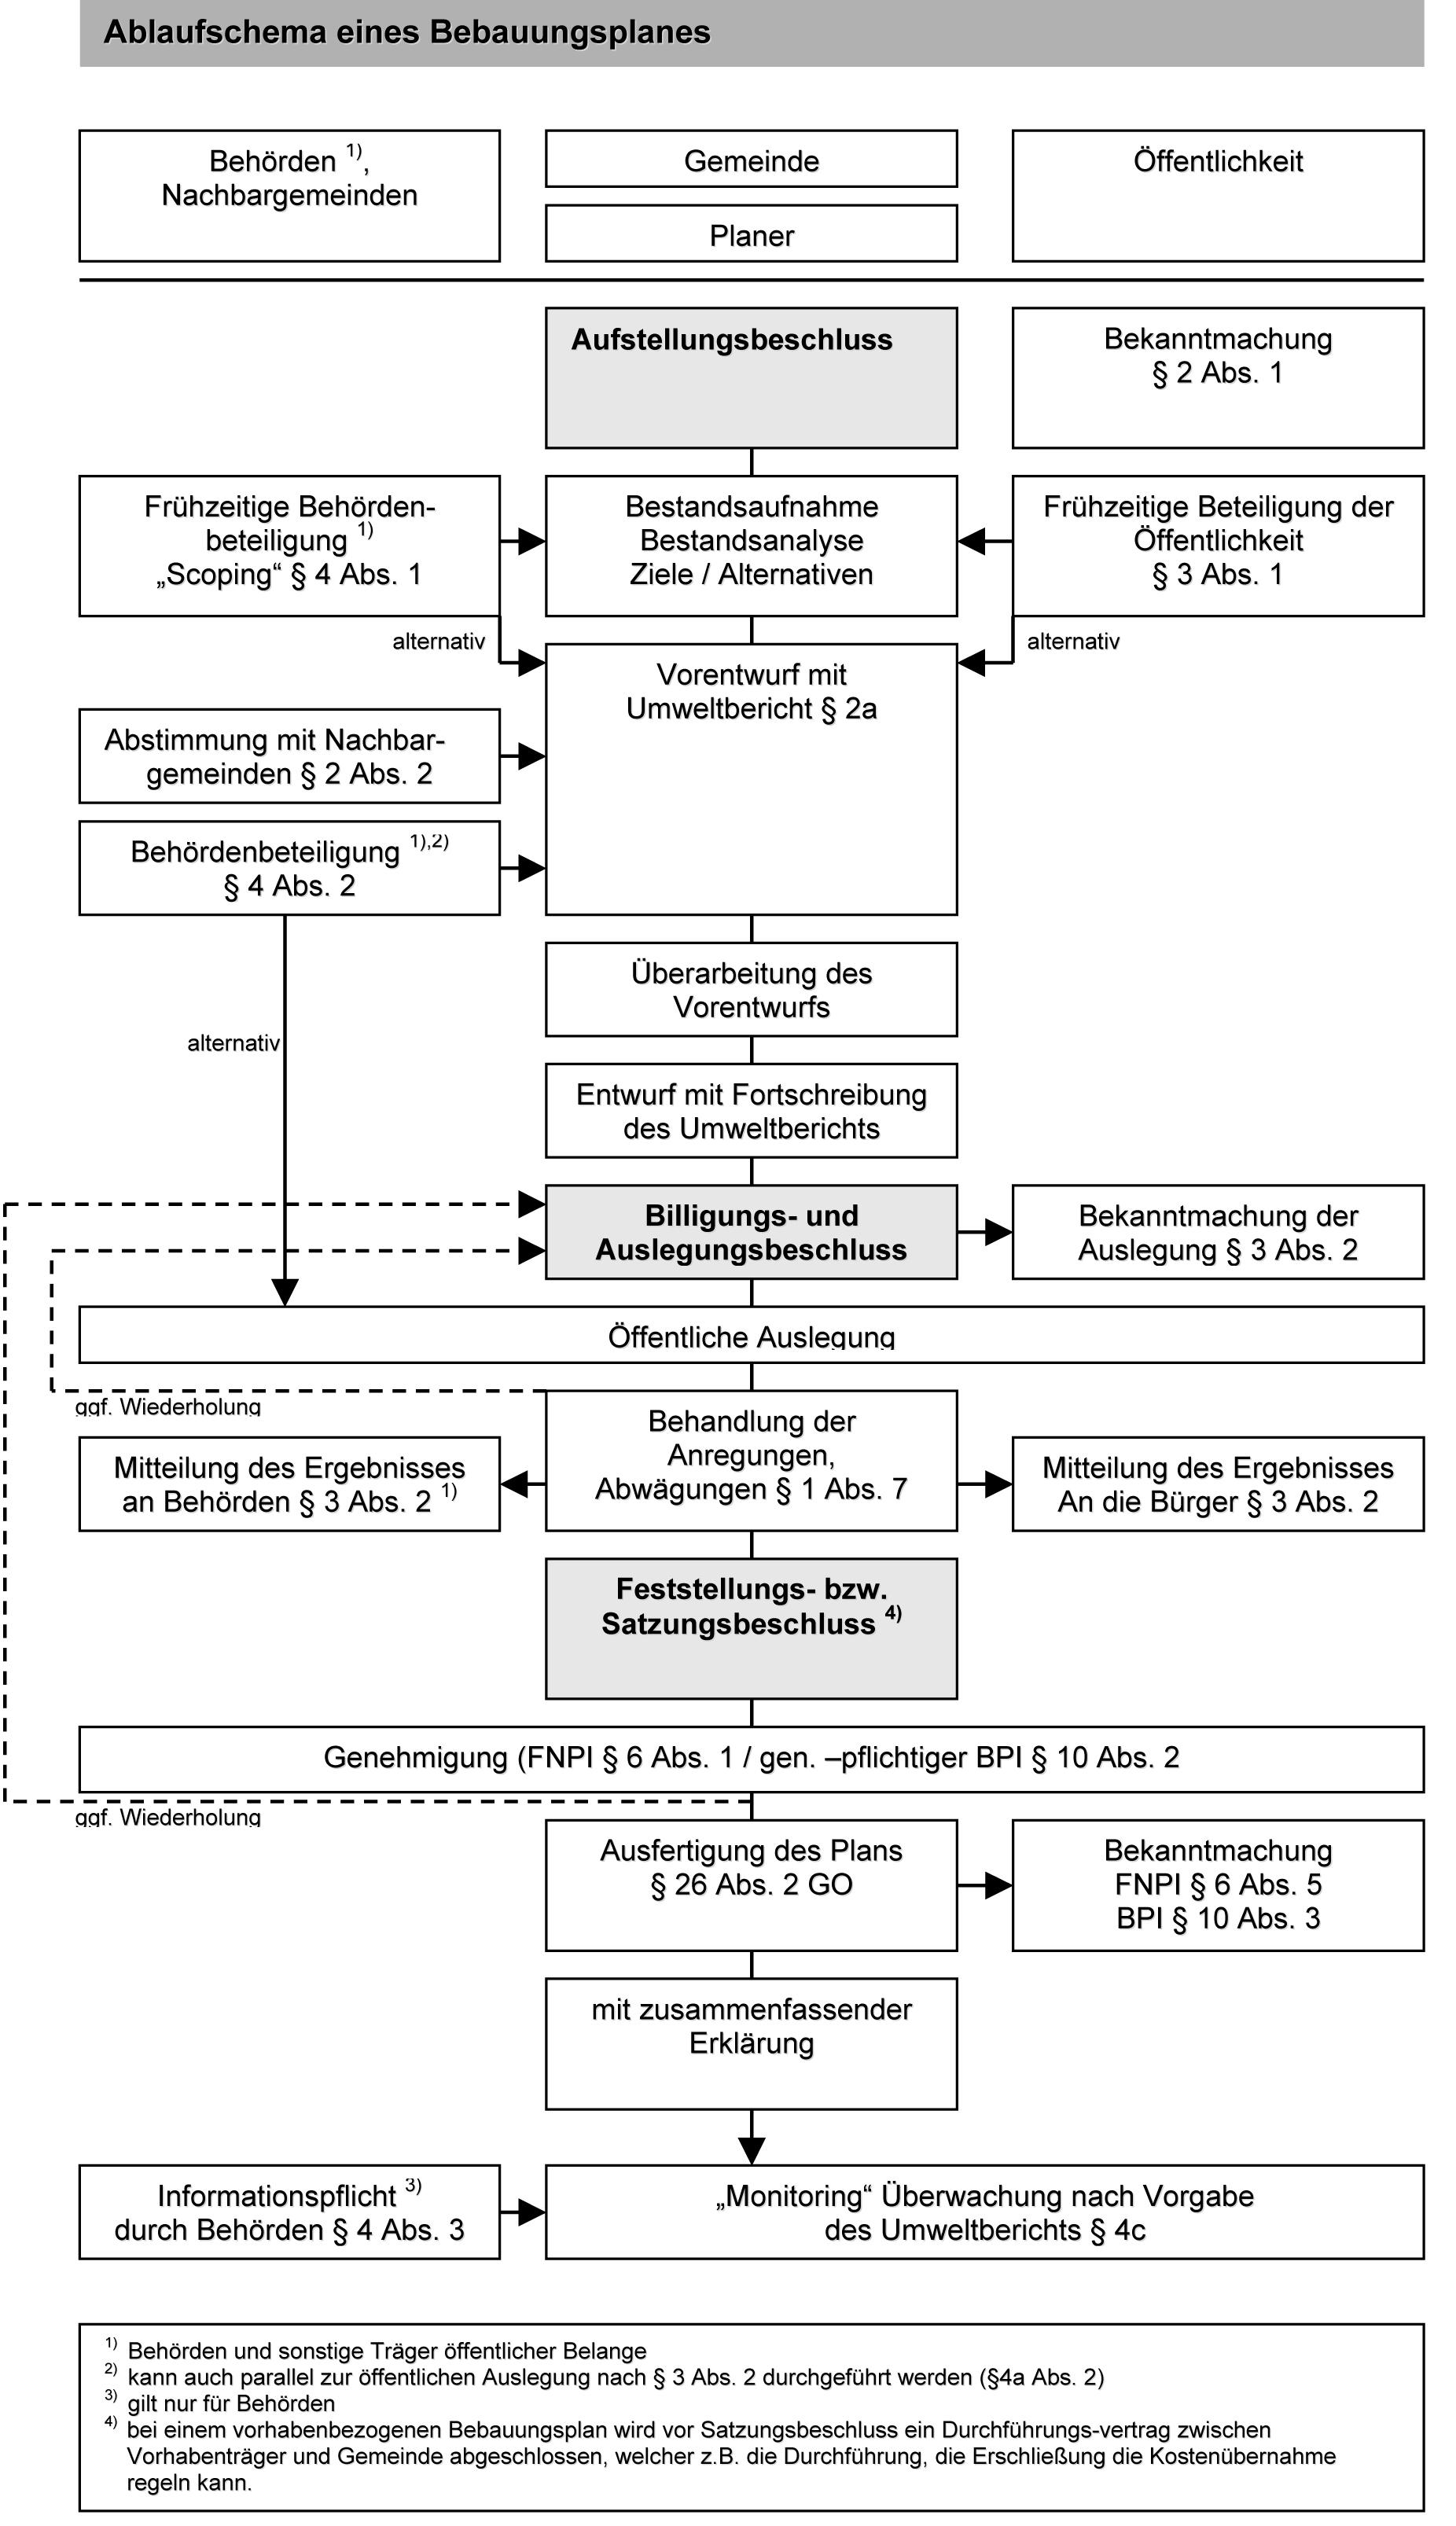 Ablaufschema eines Bebauungsplanes